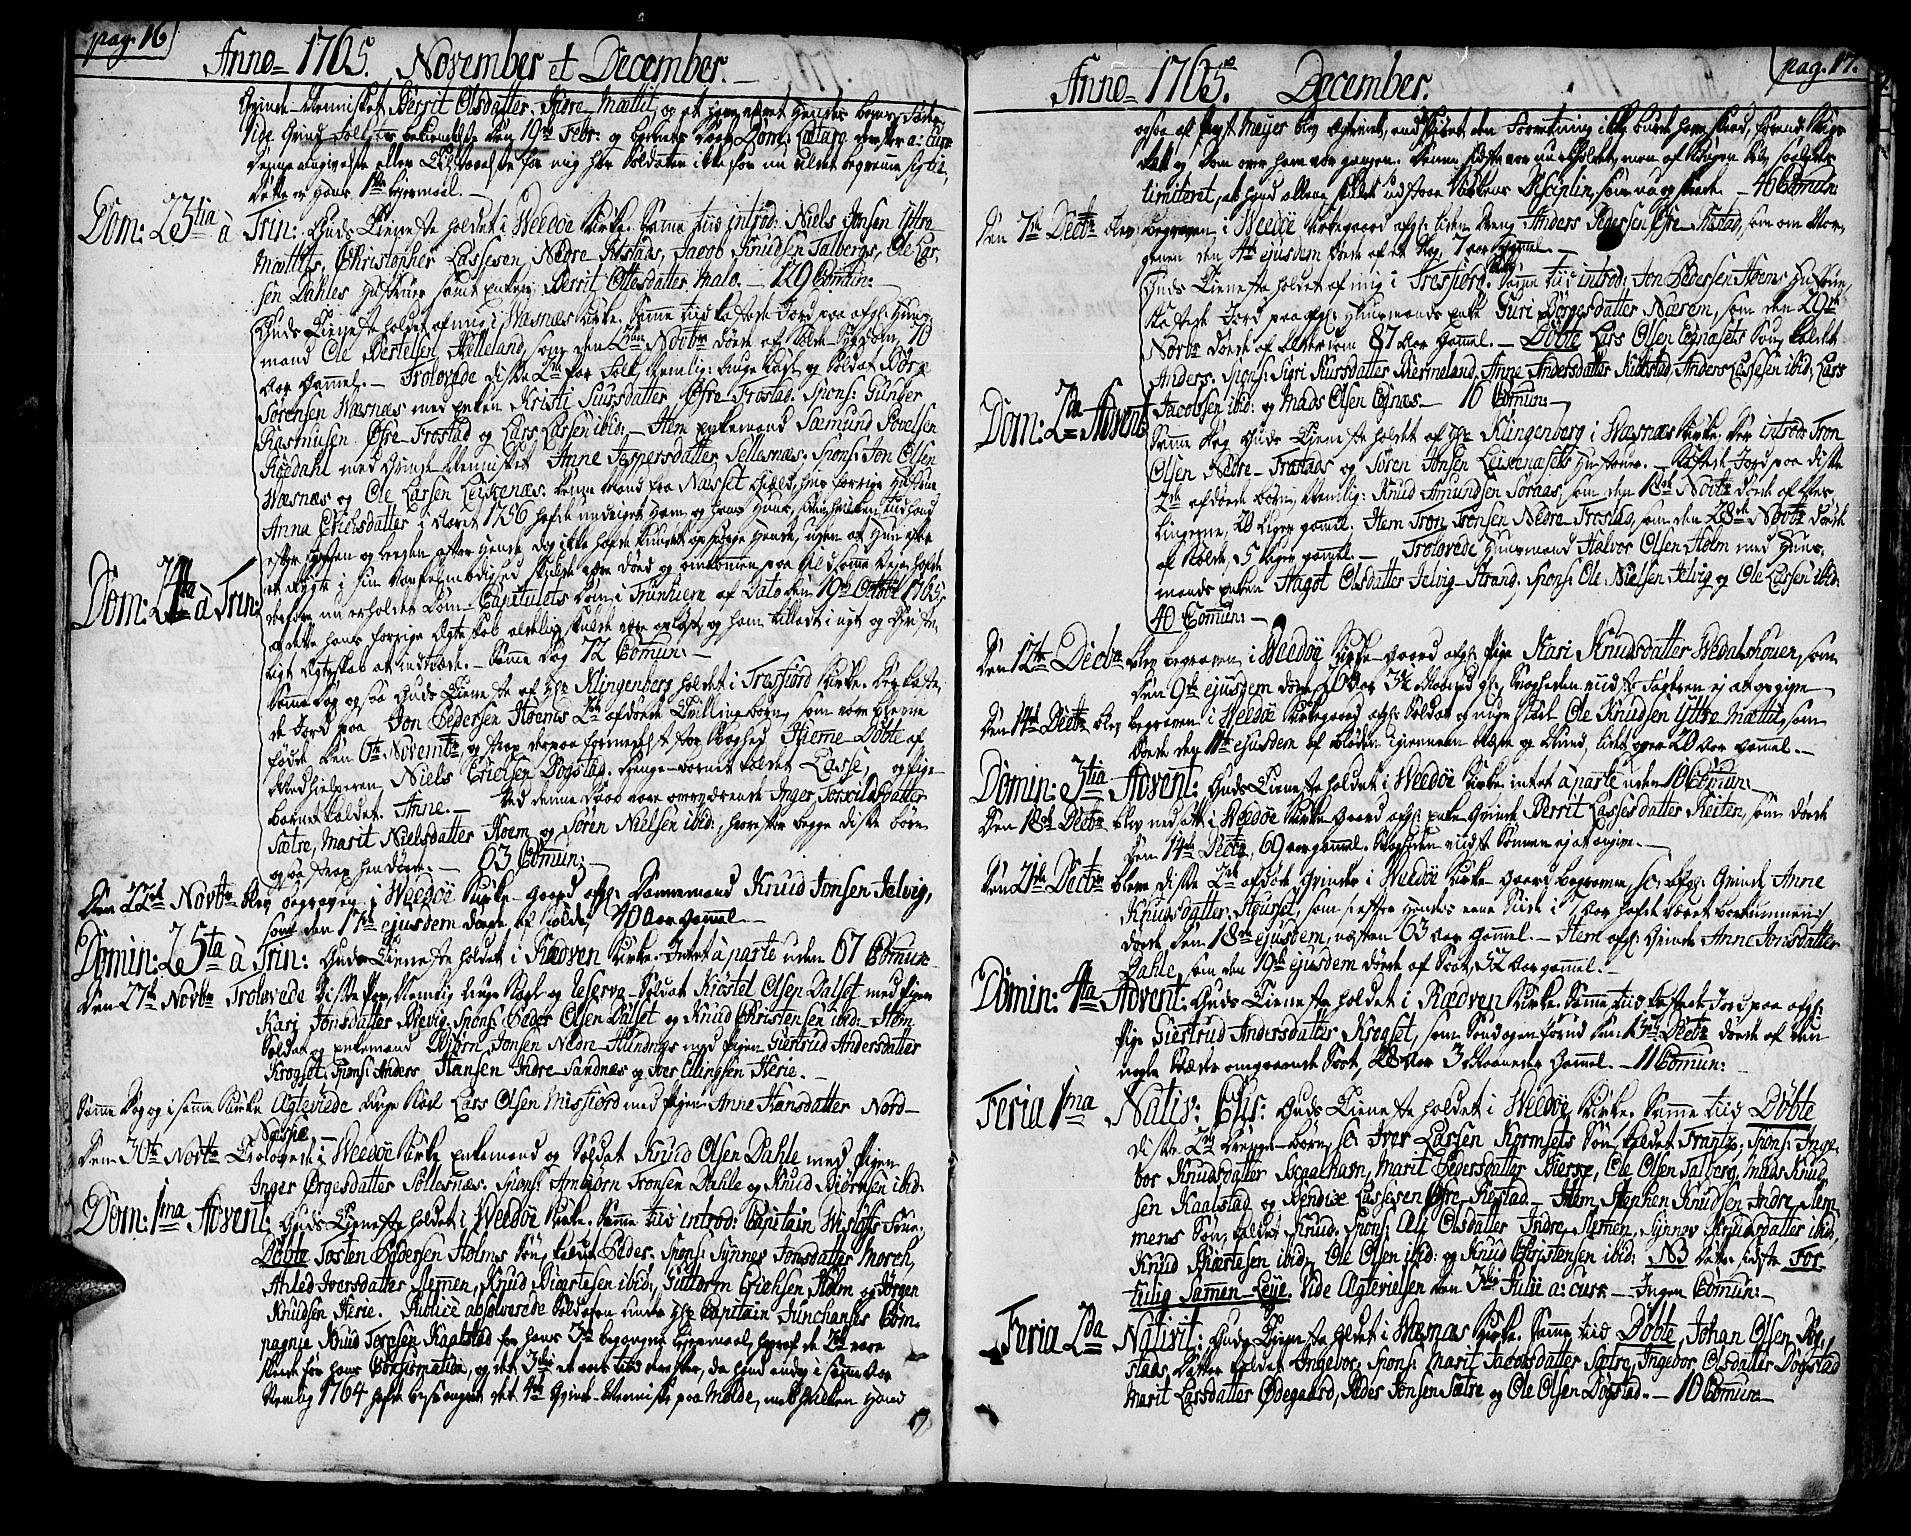 SAT, Ministerialprotokoller, klokkerbøker og fødselsregistre - Møre og Romsdal, 547/L0600: Ministerialbok nr. 547A02, 1765-1799, s. 16-17